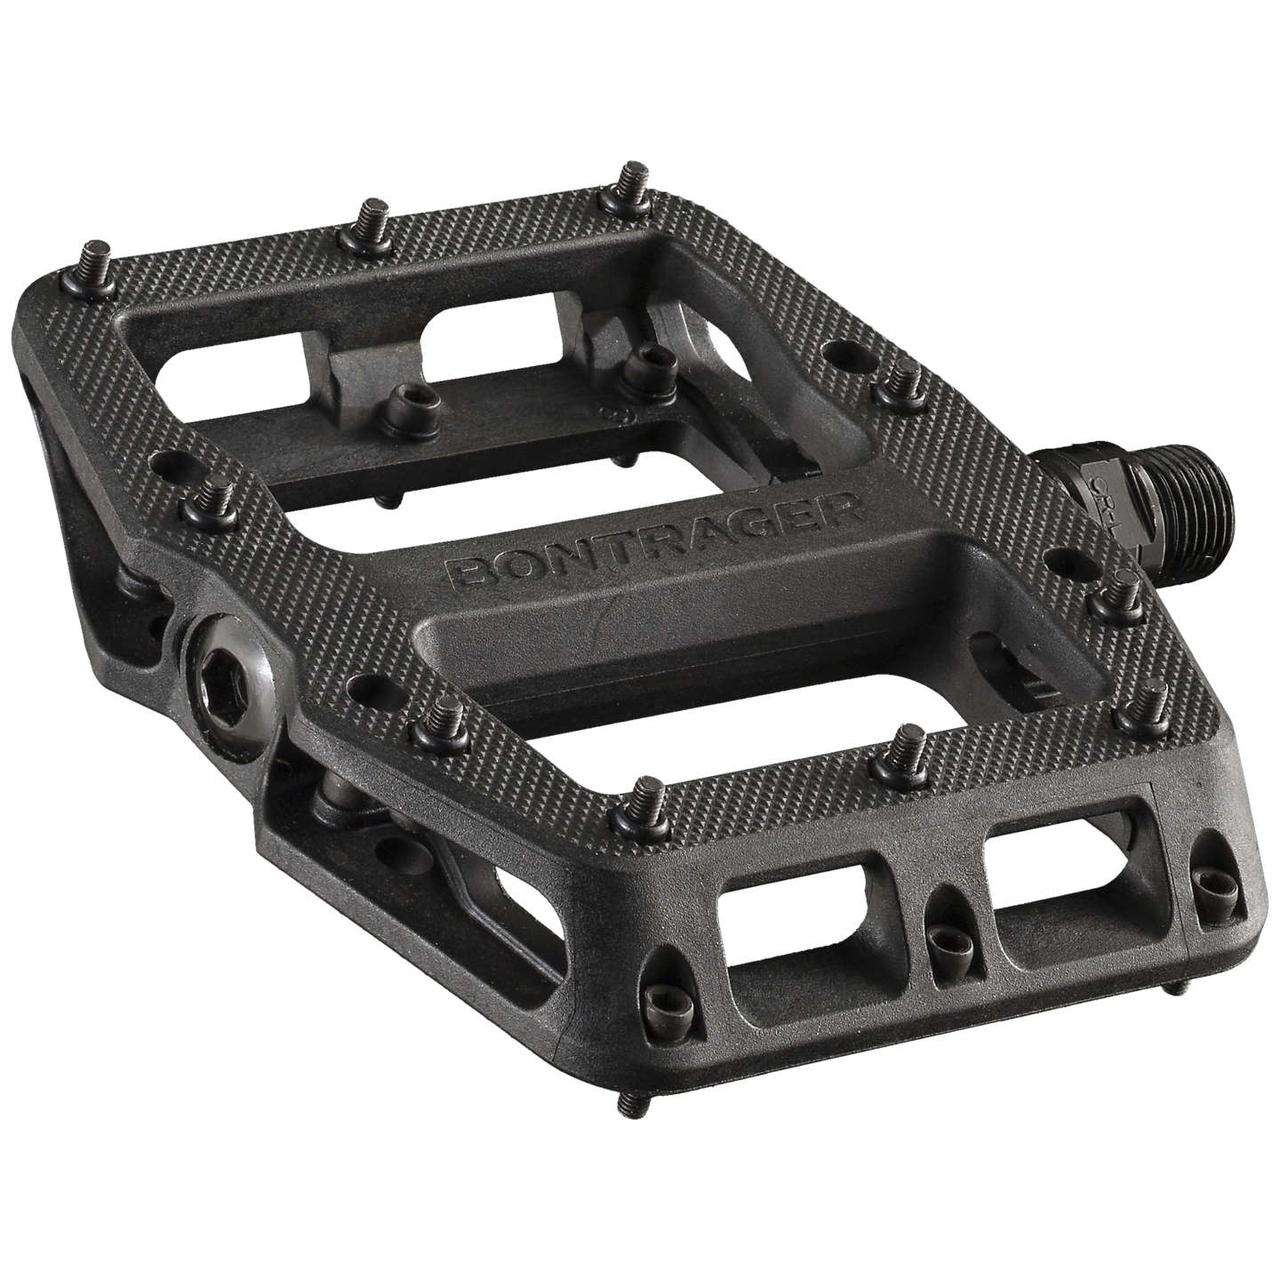 Bontrager Line Elite MTB Pedal Set - Black